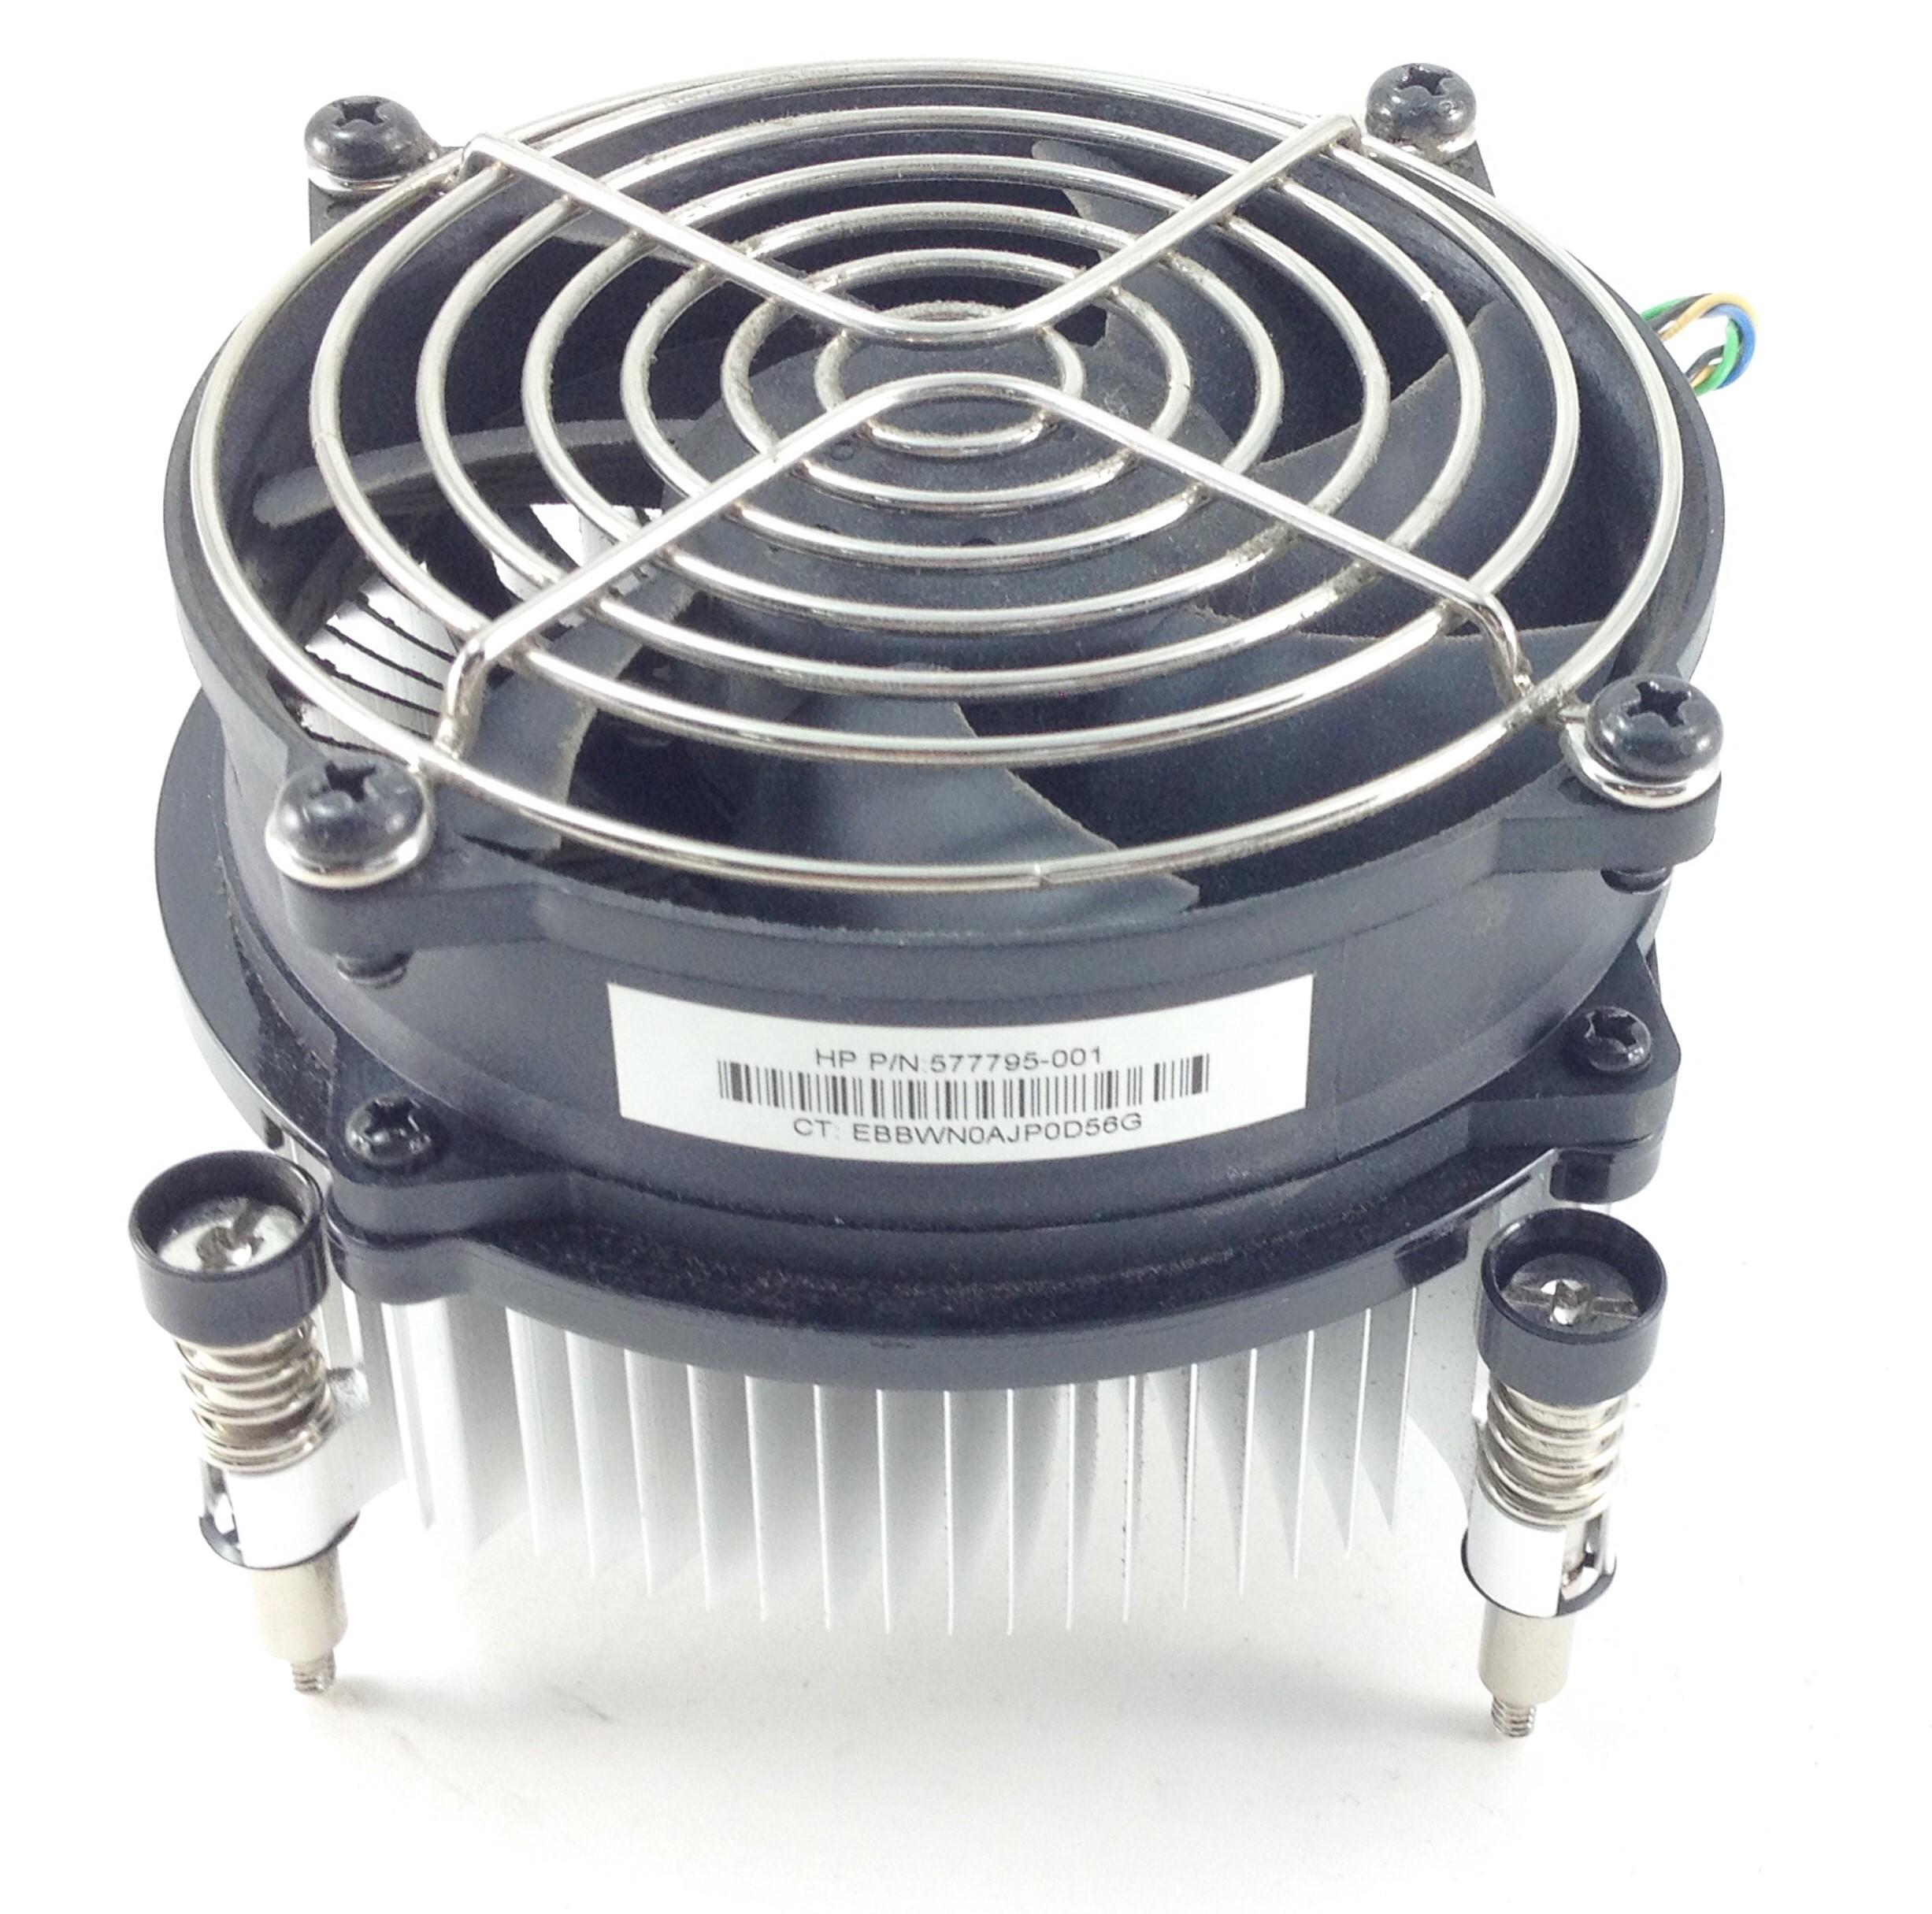 HP Elite 8000 Series Heatsink (577795-001)